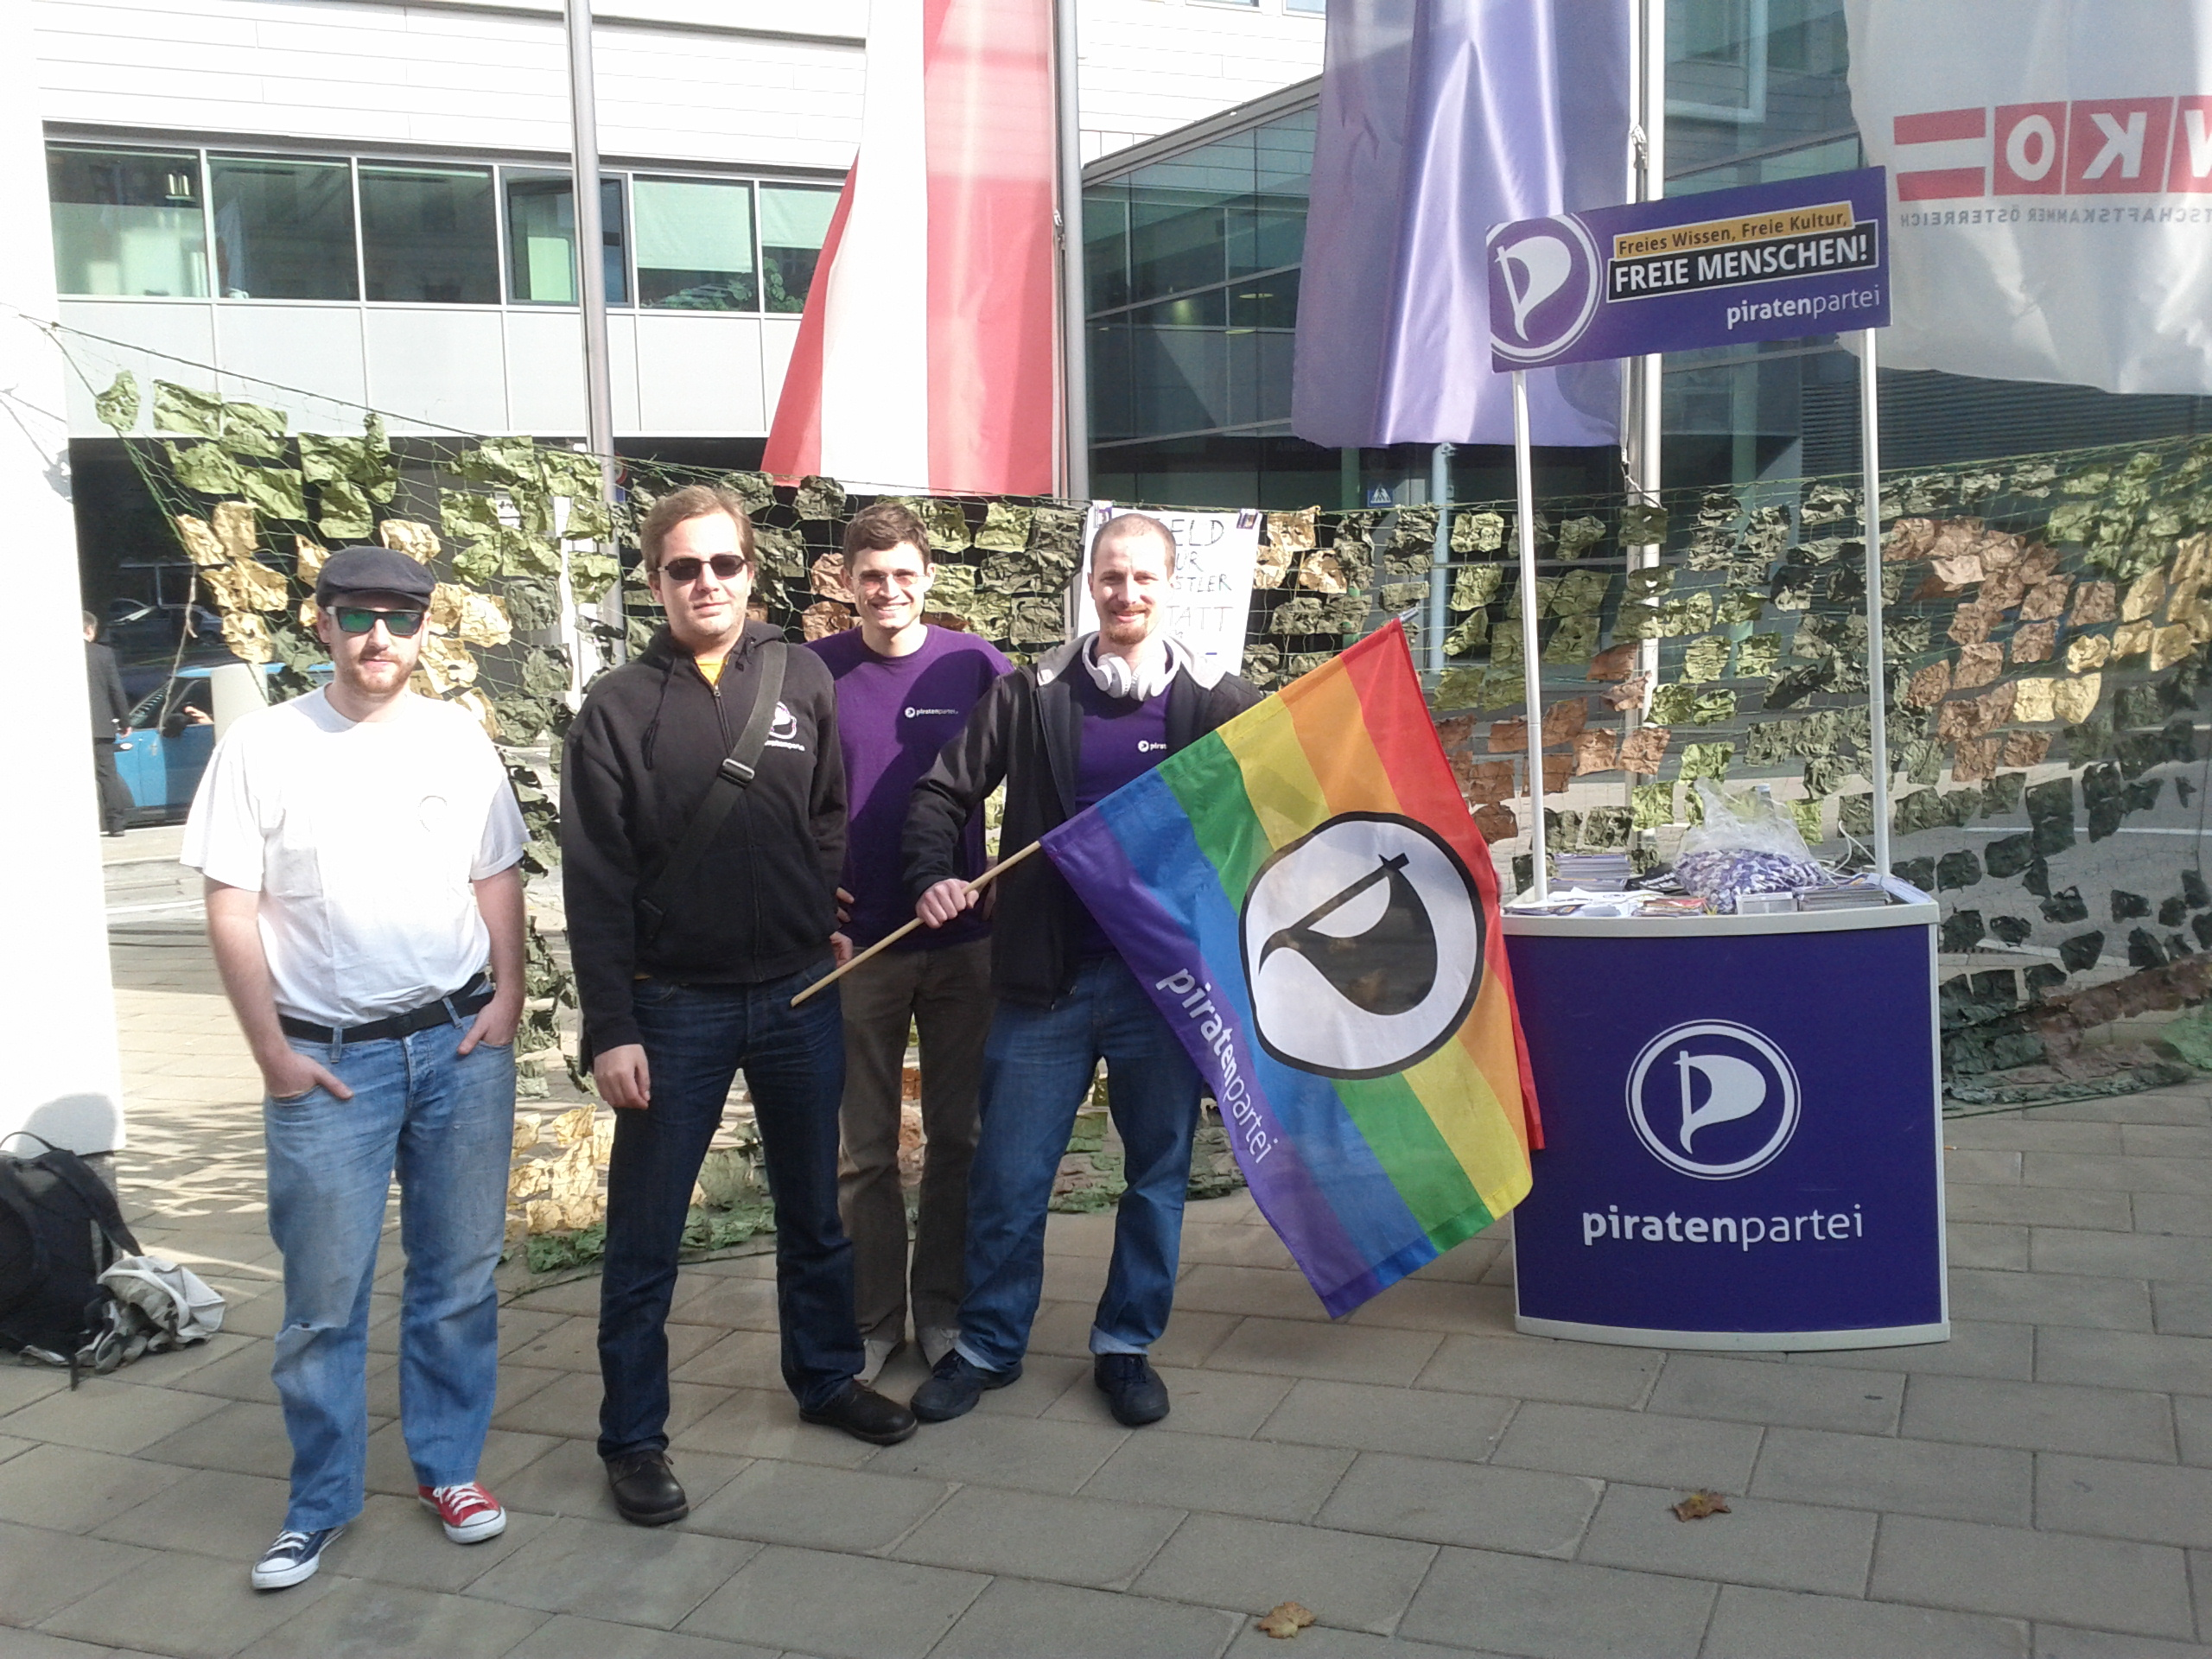 Aktivisten der Piratenpartei organisierten die Demonstration (Bildquelle: Horst JENS)